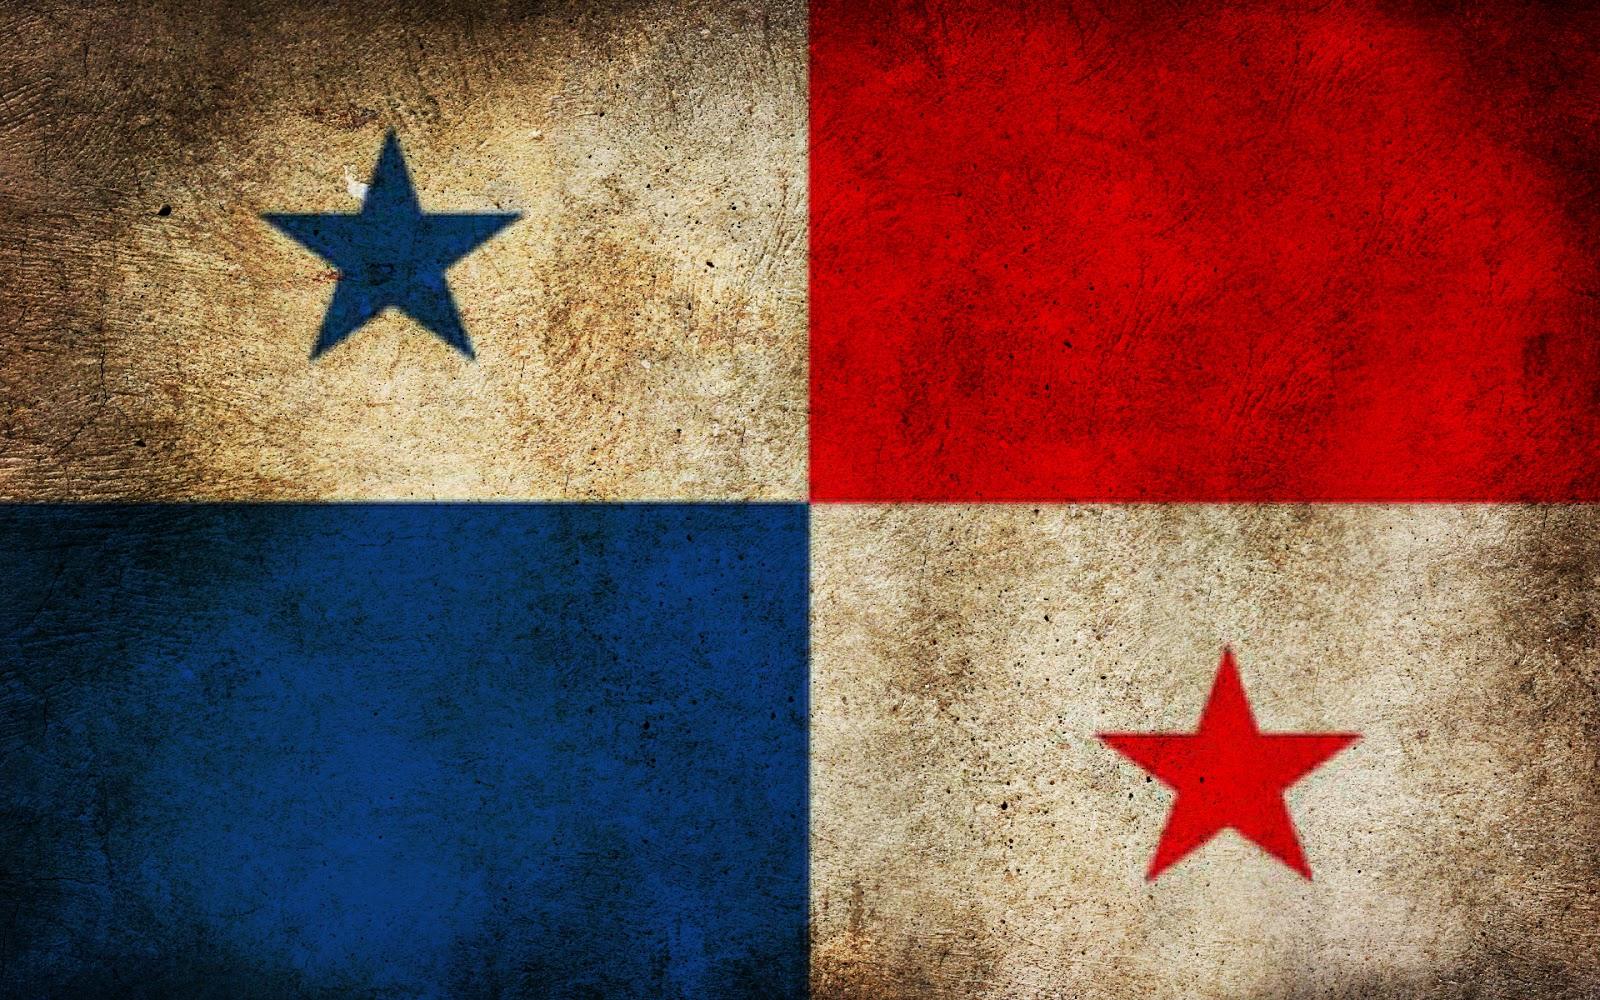 imagenes de banderas hd3 200 Imágenes de Banderas en HD (Wallpapers)